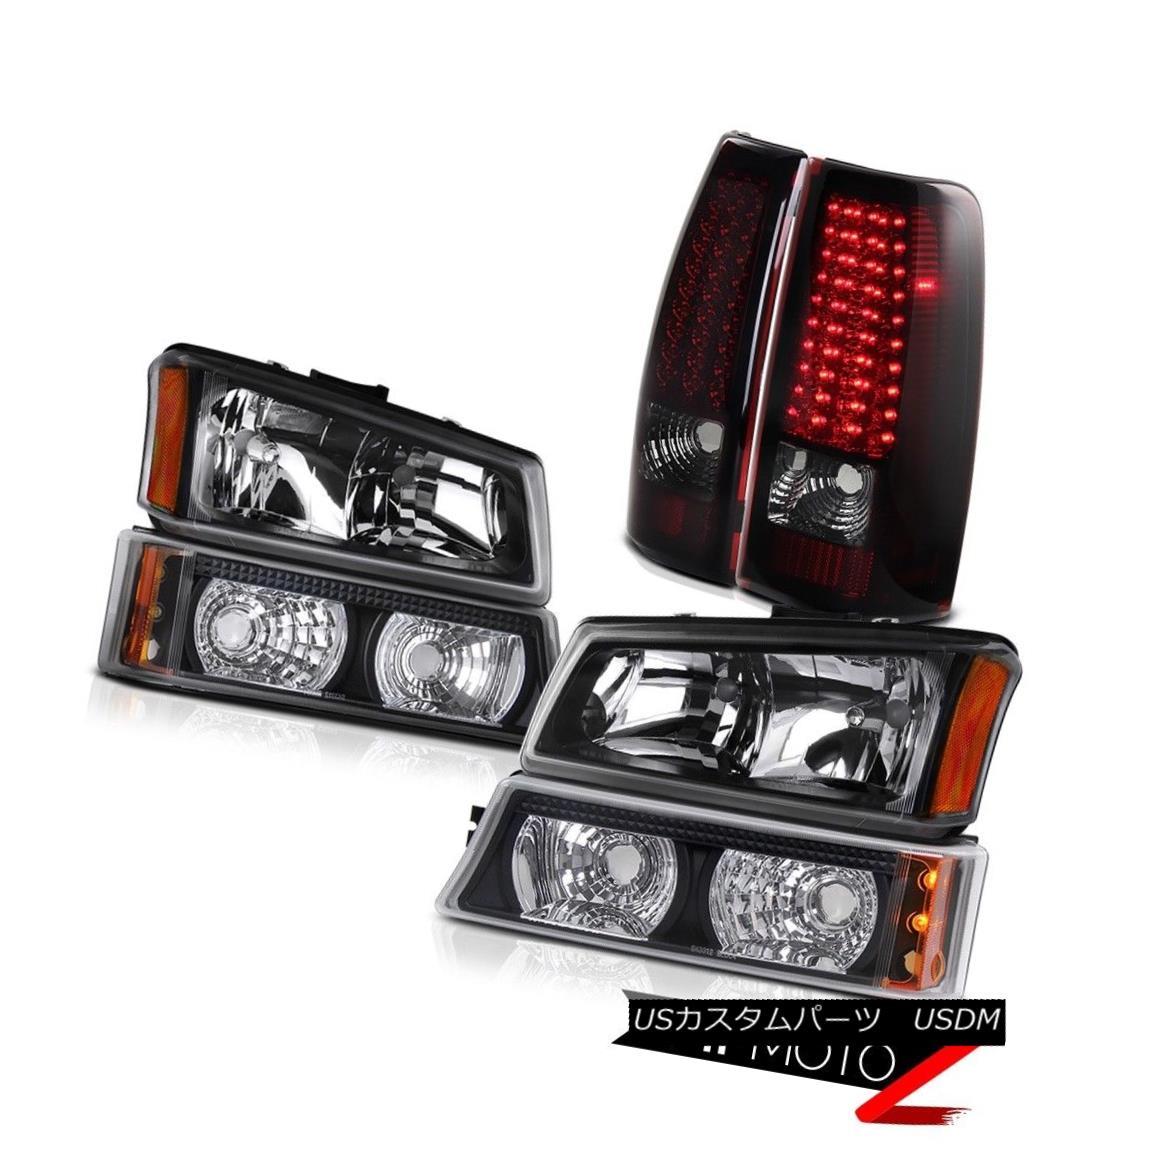 ヘッドライト Matte Black Headlights Signal Bumper Lights 2003 2004 Silverado Smokey Red Tail マットブラックヘッドライト信号バンパーライト2003 2004 Silverado Smokey Red Tail